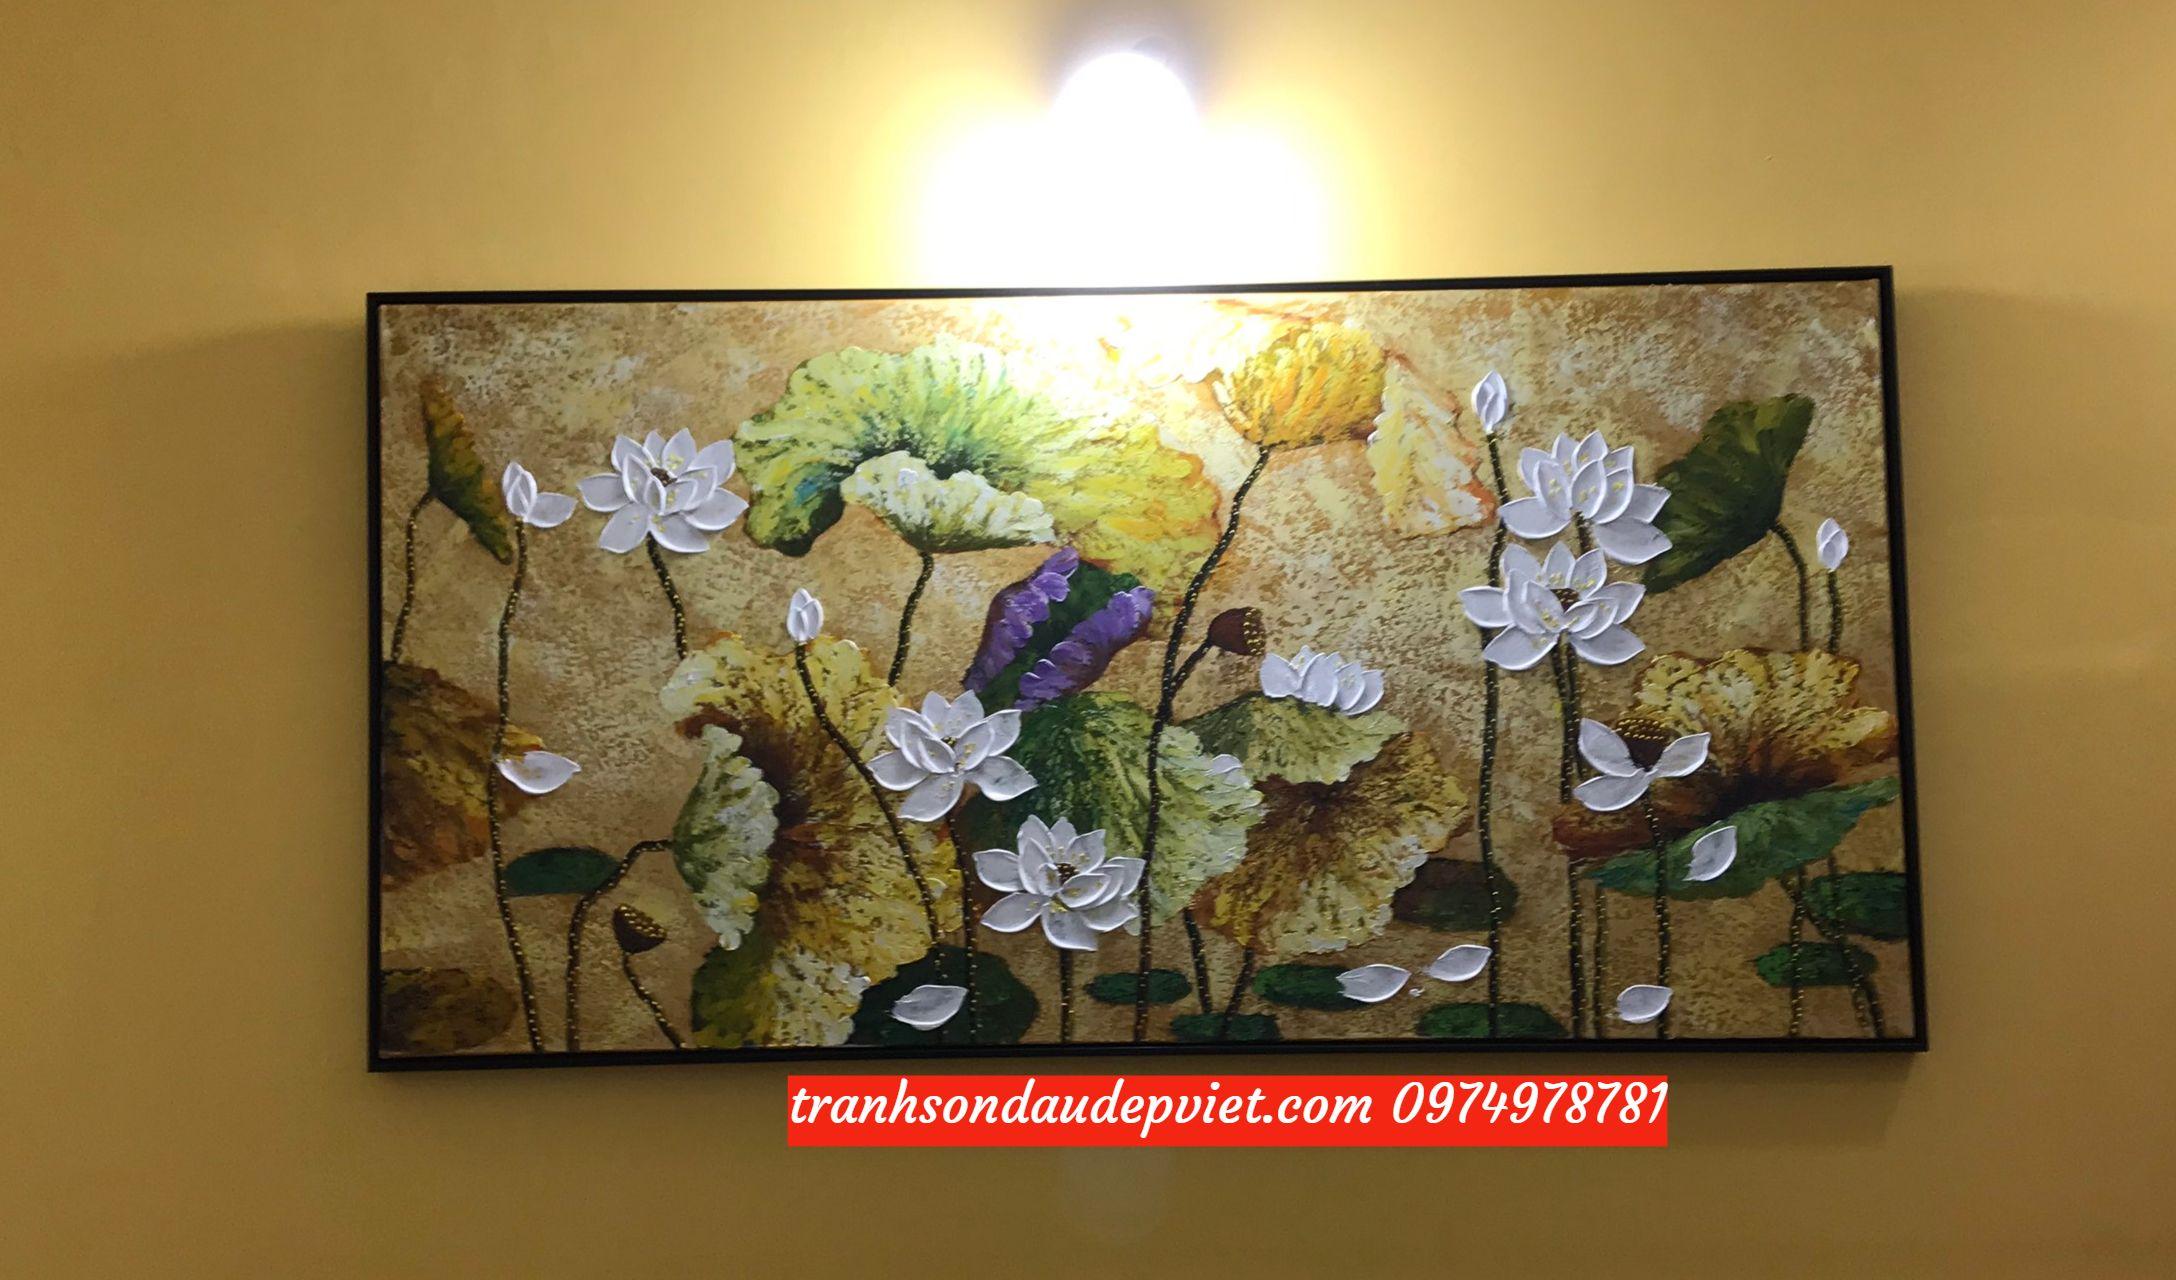 Tranh sơn dầu hoa sen, tranh hoa sen hiện đại SB081